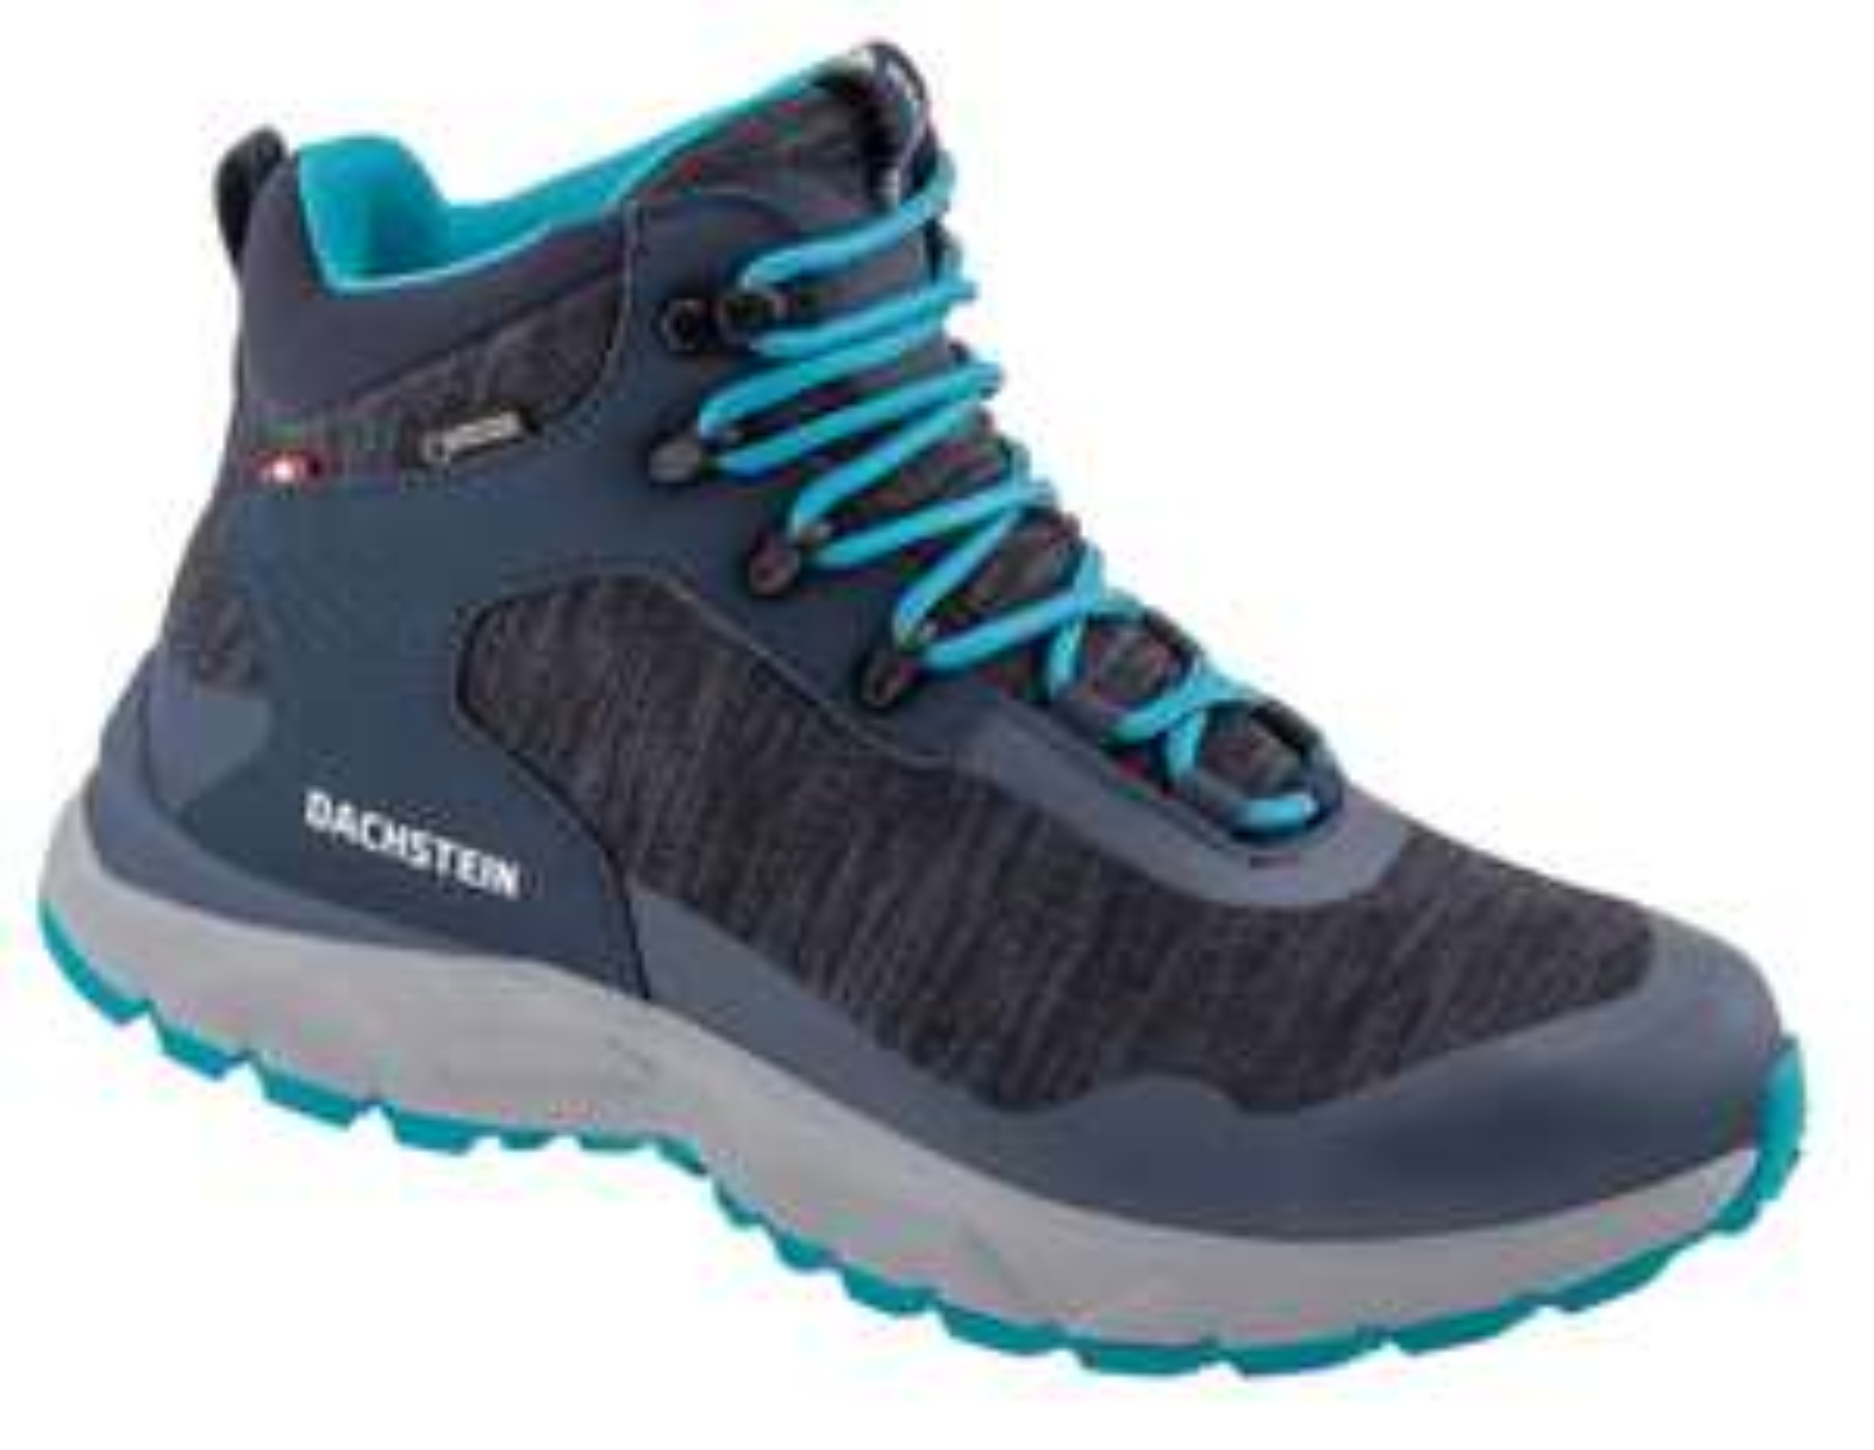 DACHSTEIN Trekking-Boots Gaisberg Gtx, dunkelblau/türkis - Damen - Größen 37-41